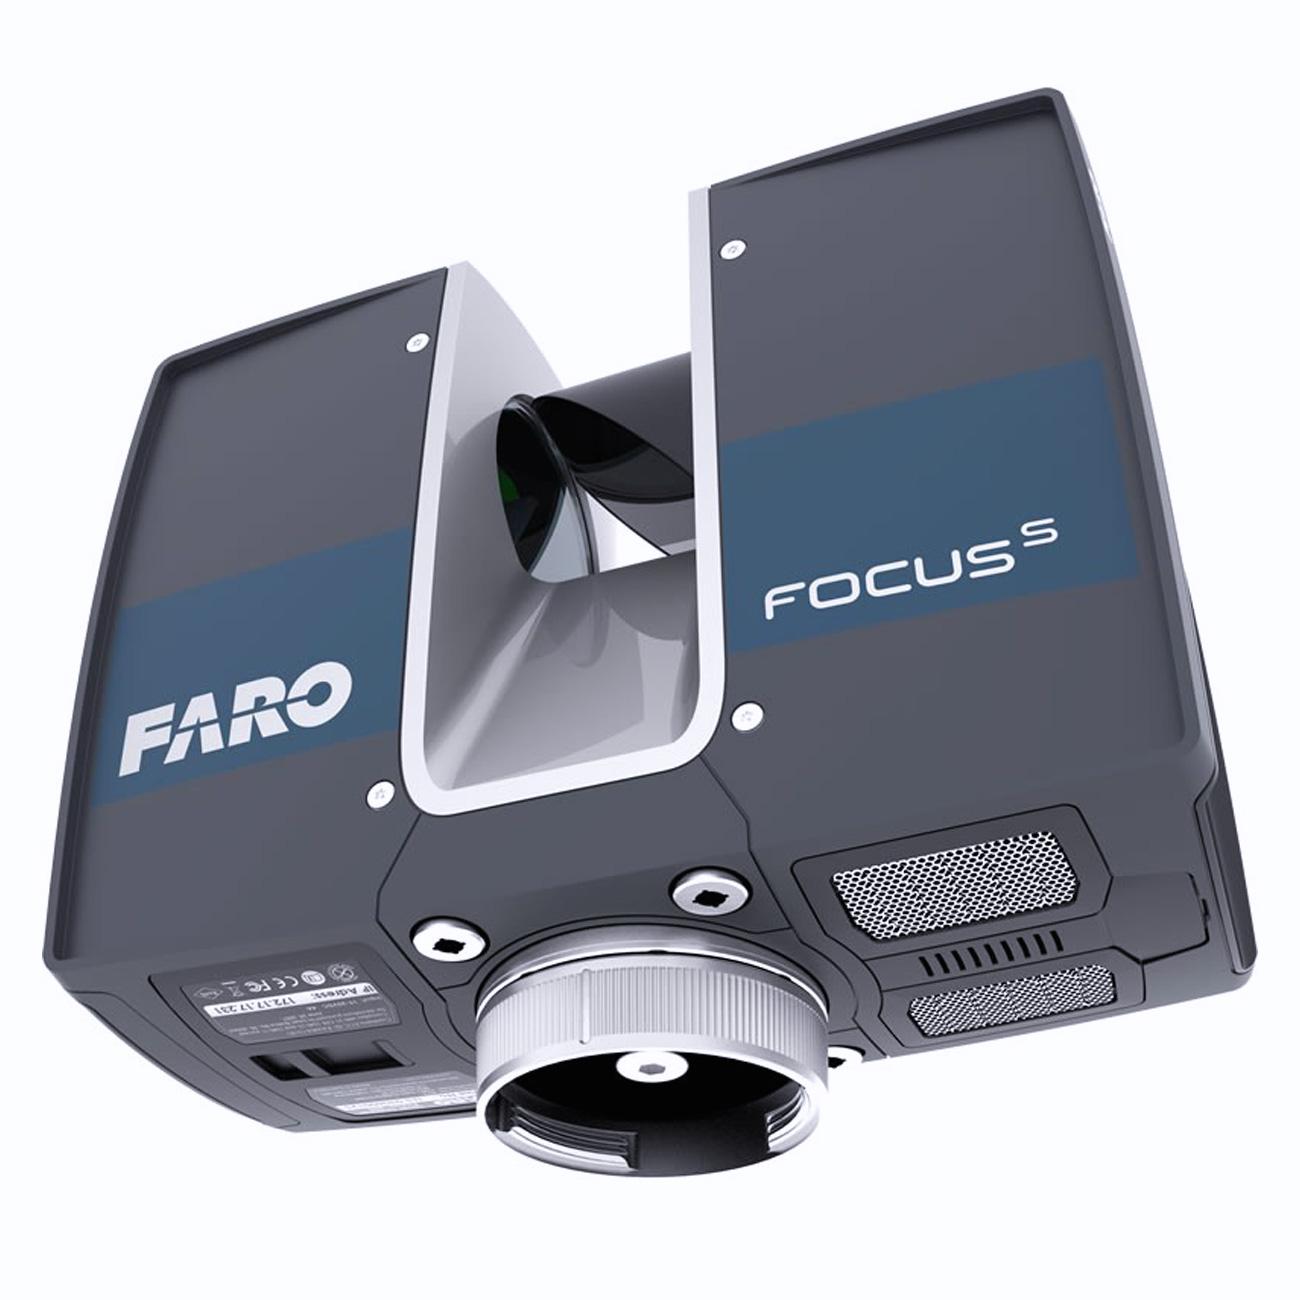 Faro-Focus-S70.jpg